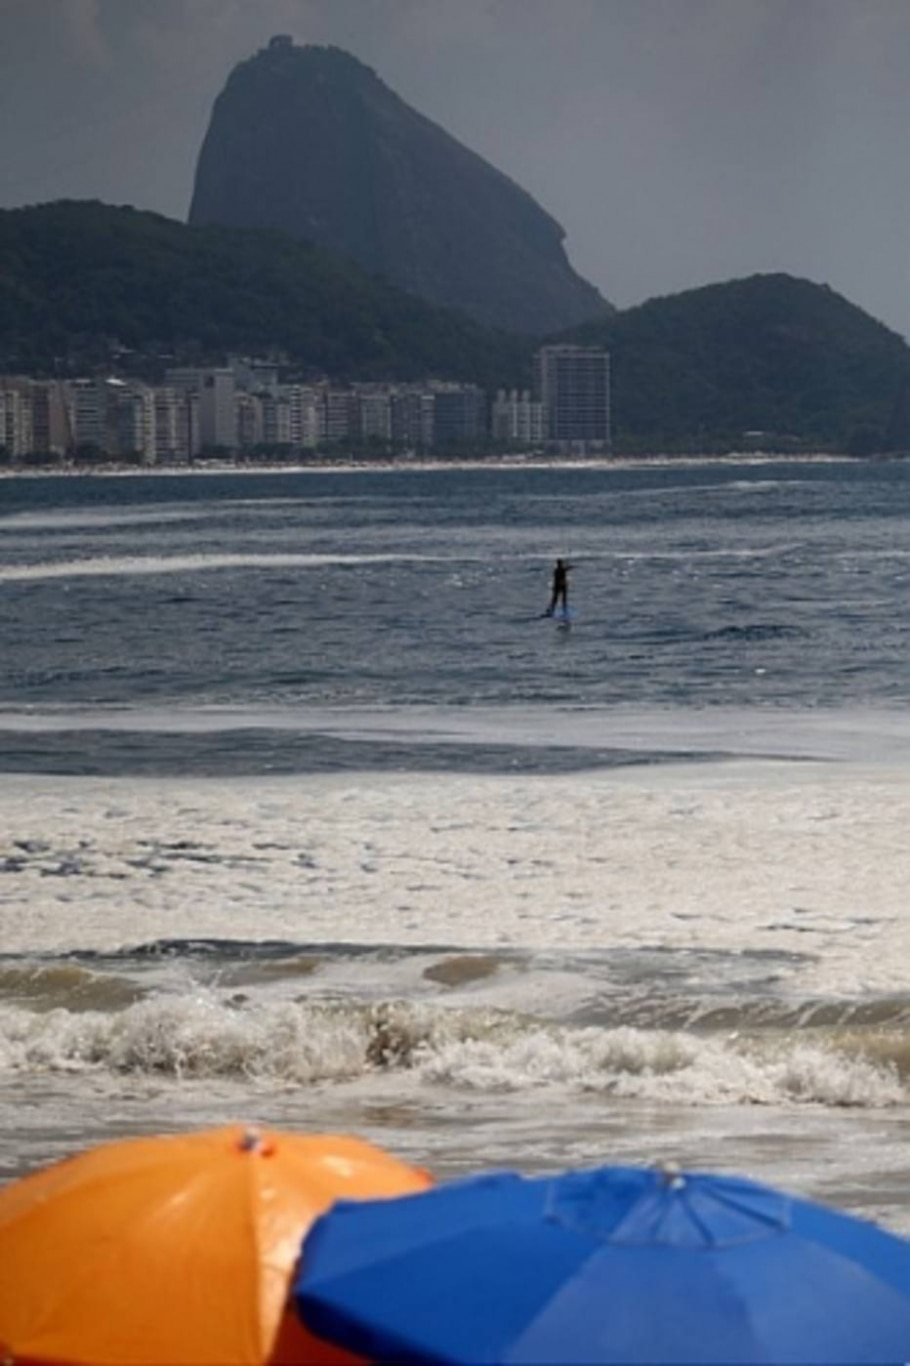 Fenômeno é comum no verão e ocorre pela decomposição de algas, diz Instituto Estadual do Ambiente - Fábio Motta/Estadão